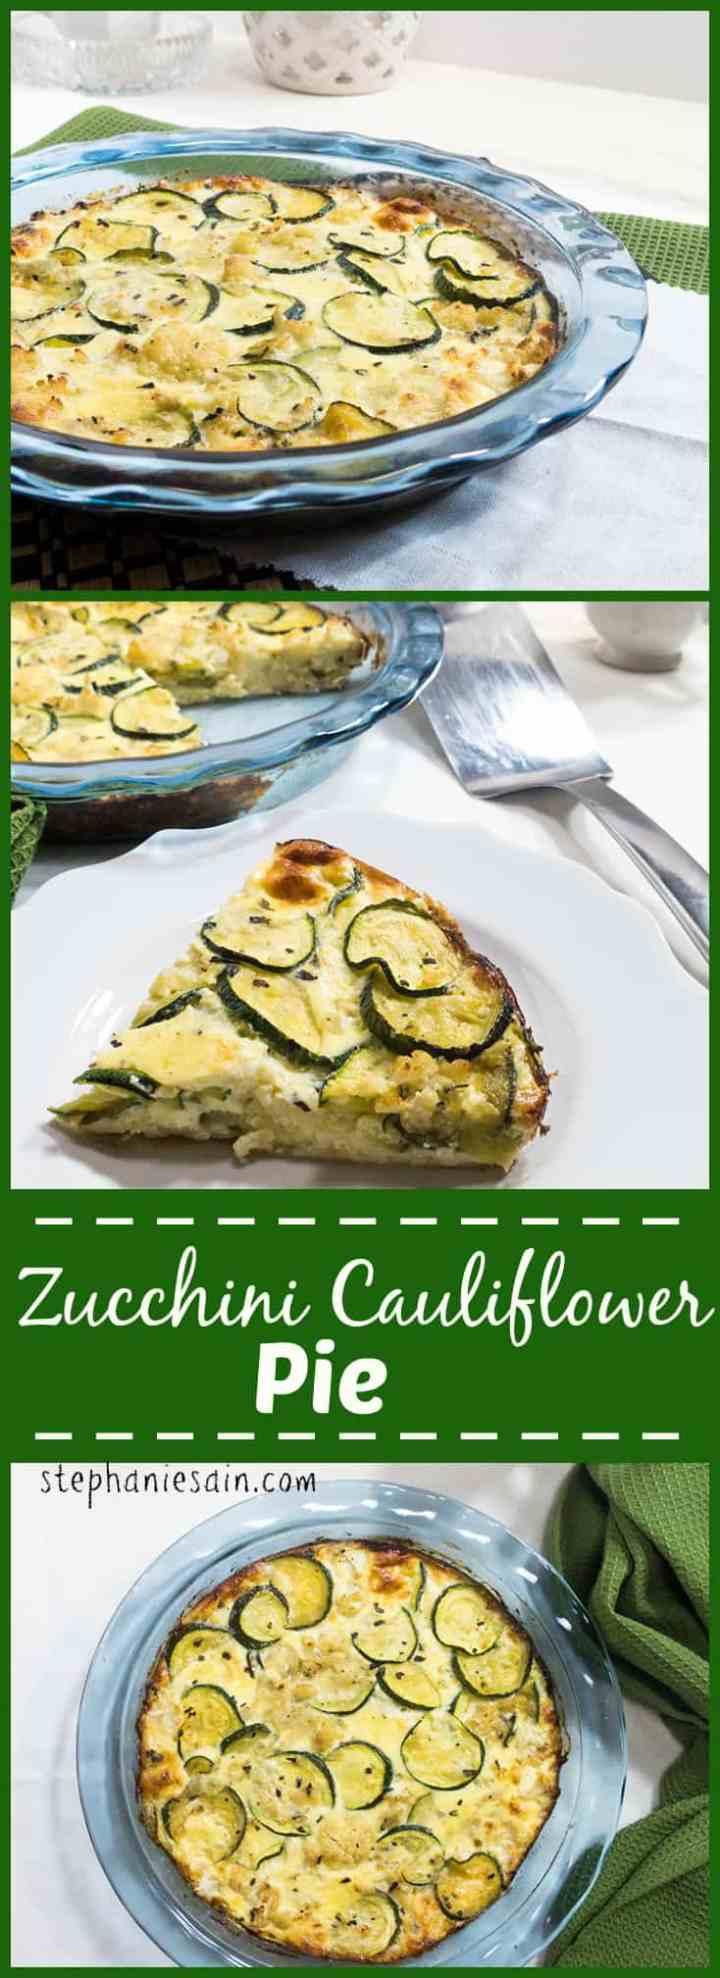 Zucchini Cauliflower Pie is a healthy, tasty pie filled with zucchini , cauliflower & cheese. Vegetarian and Gluten Free.